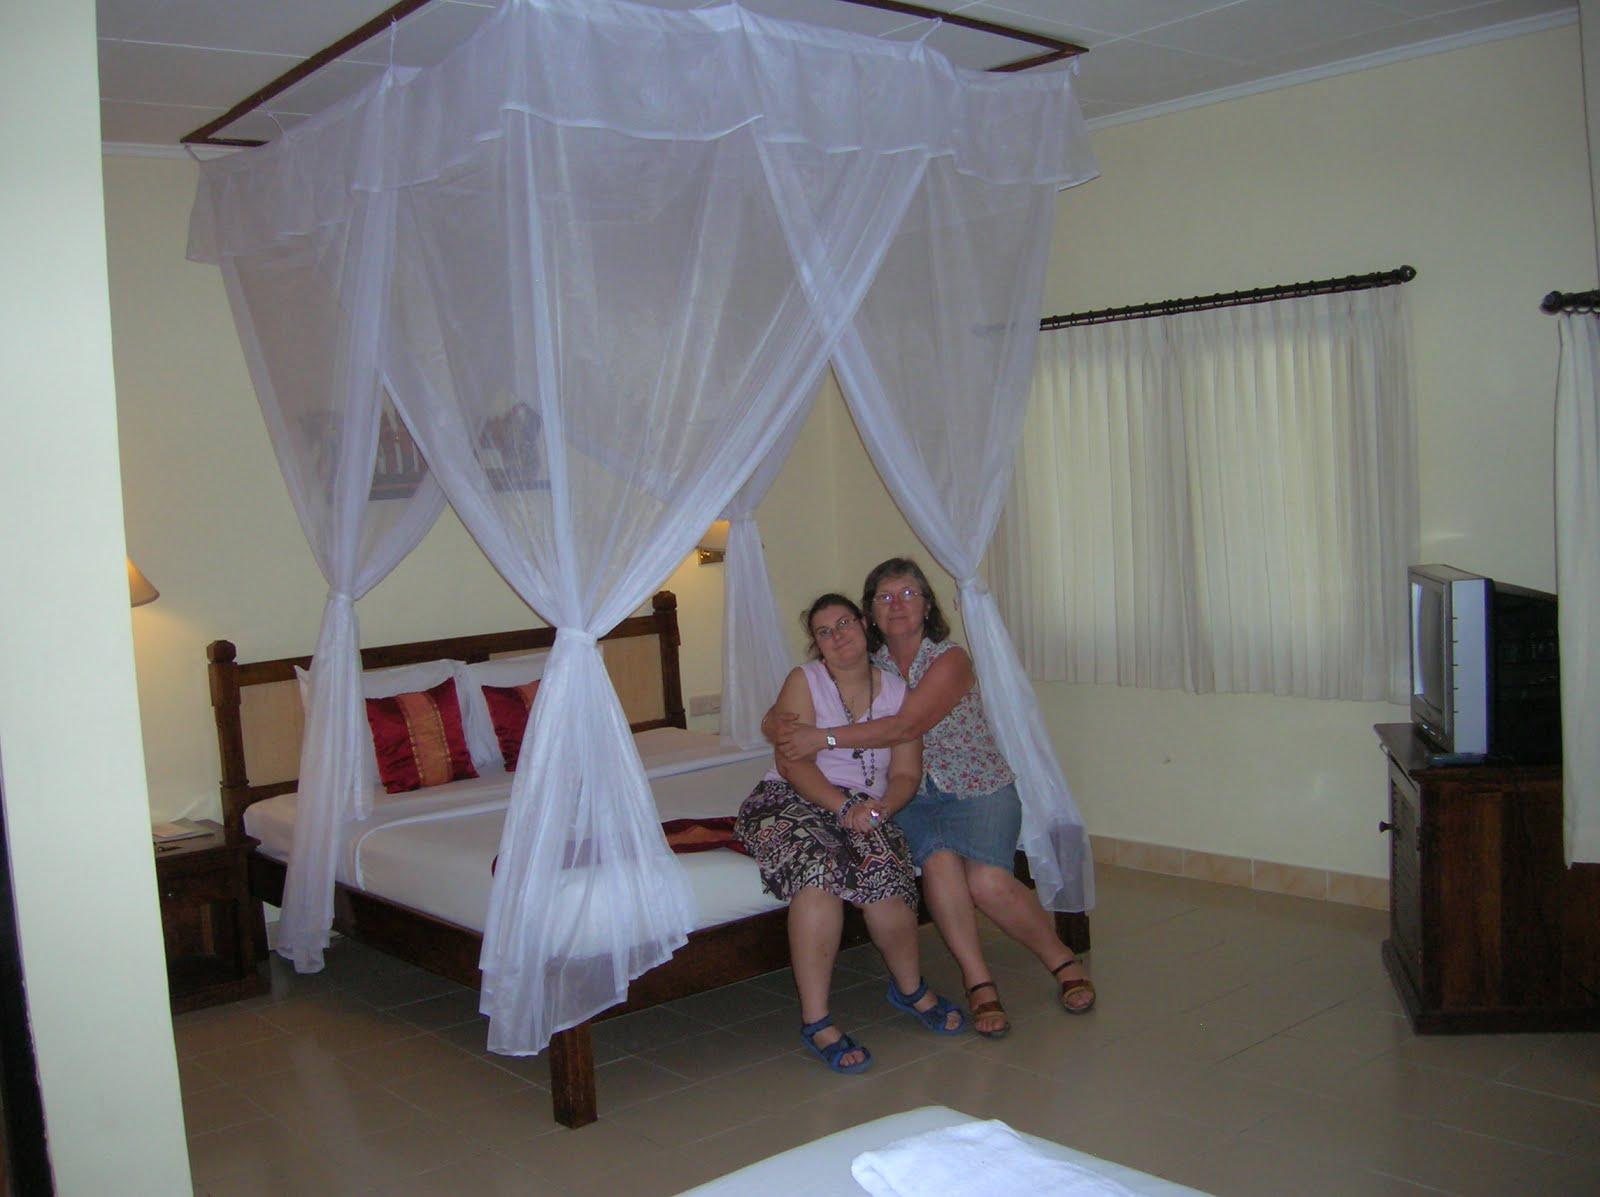 Habitación Hotel Aneka Lovina, Isla de Bali,Indonesia, vuelta al mundo, round the world, La vuelta al mundo de Asun y Ricardo